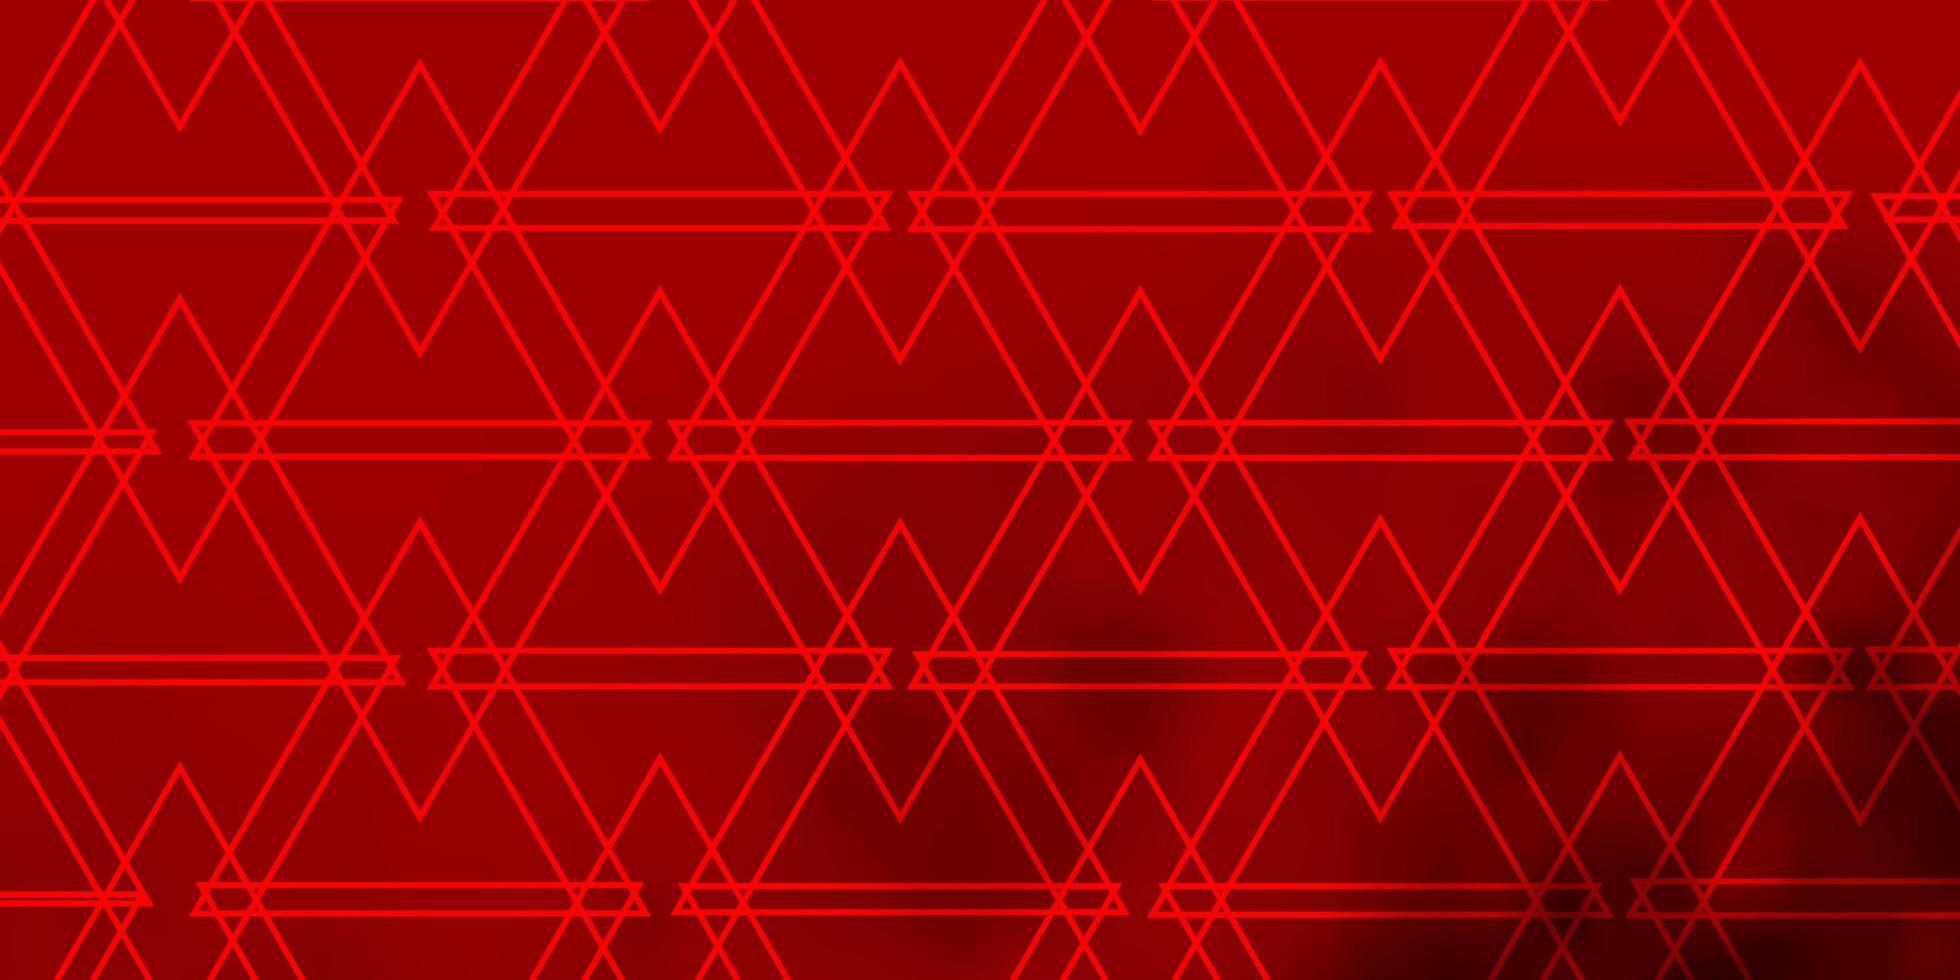 modelo de vetor vermelho claro com linhas, triângulos.